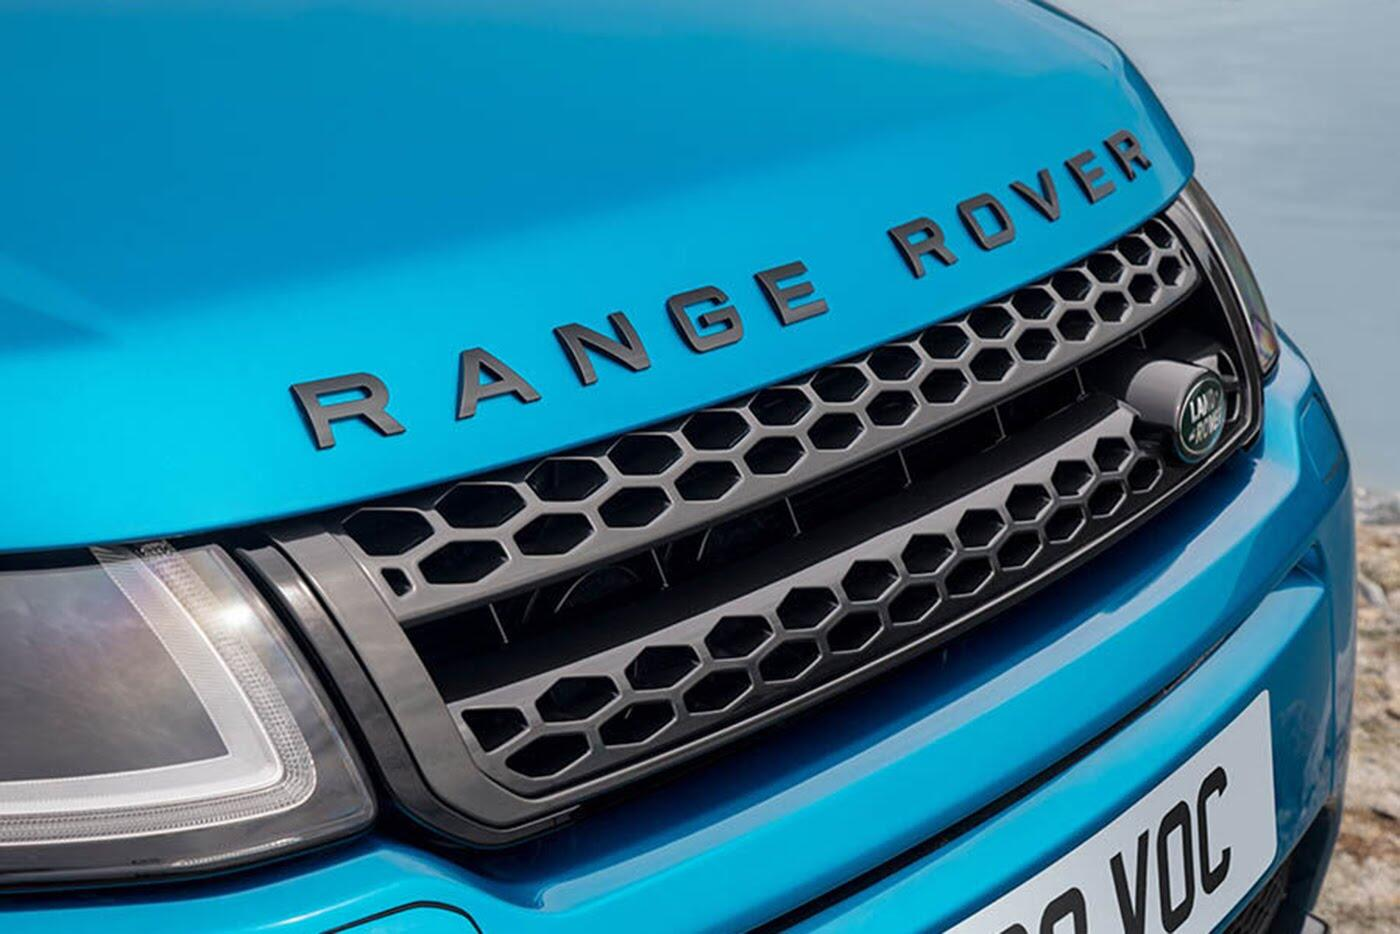 Range Rover Evoque Landmark bản đặc biệt có giá từ 74.350 USD - Hình 5